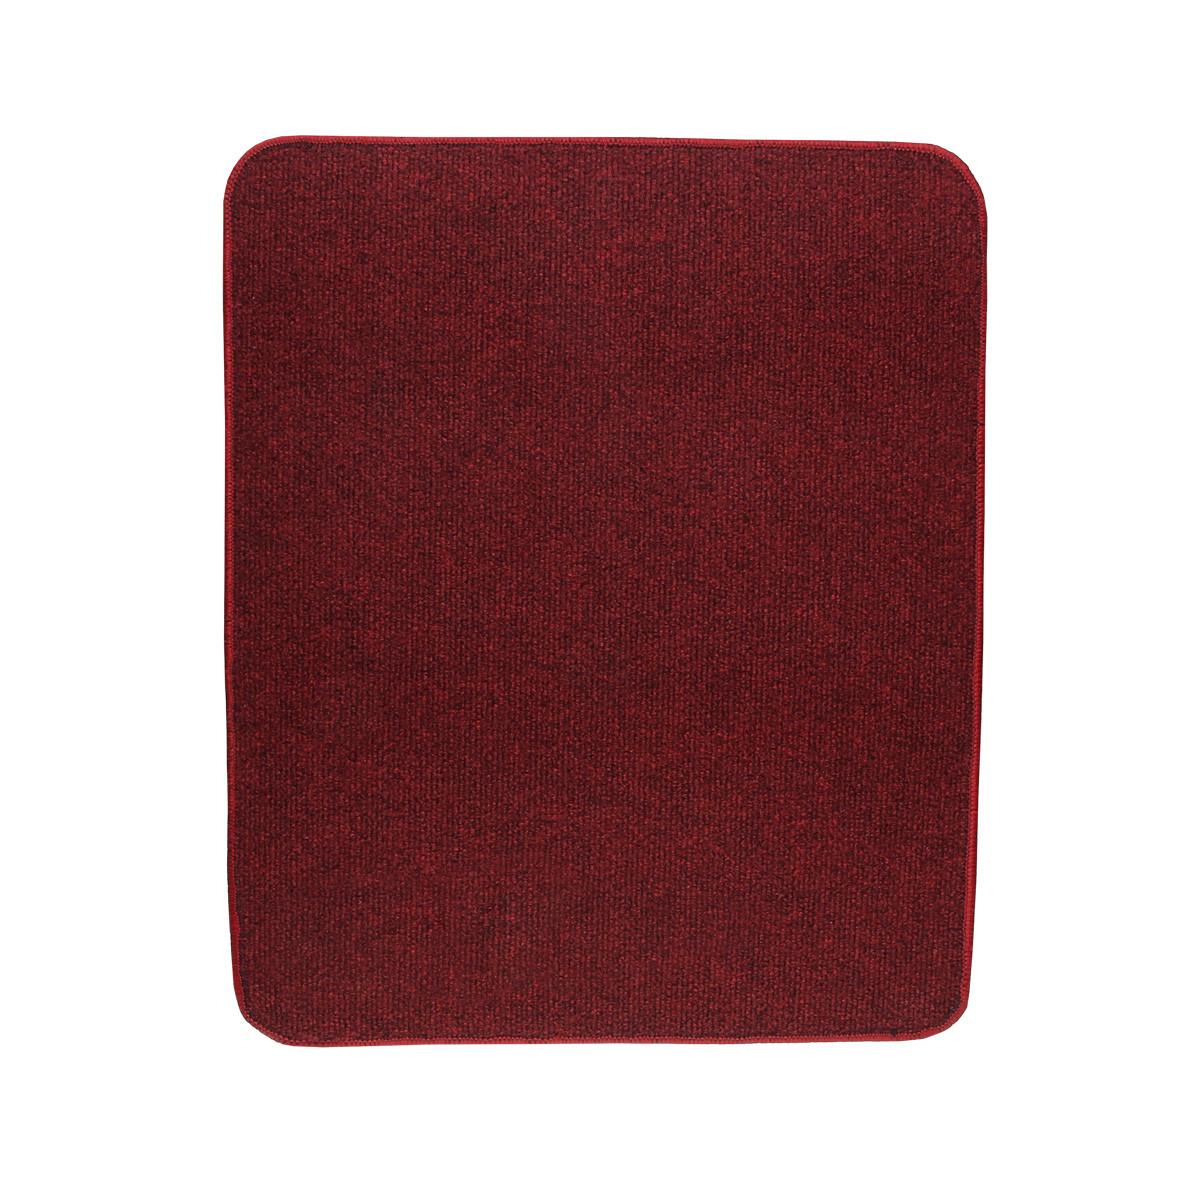 Електричний килимок з підігрівом Теплик двосторонній 50 х 60 см Темно-червоний